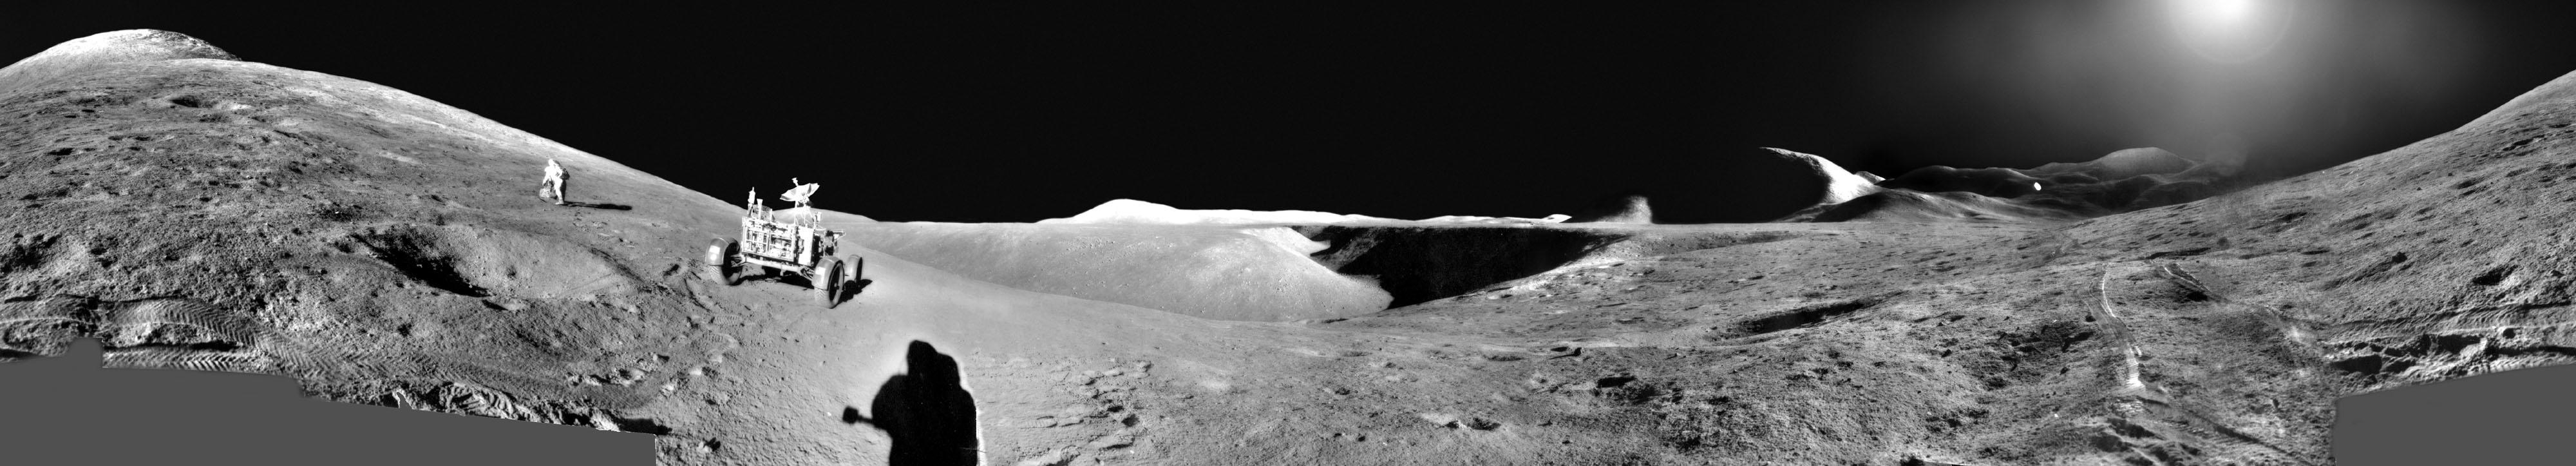 Des astronautes explorent un panorama d'Apollo 15